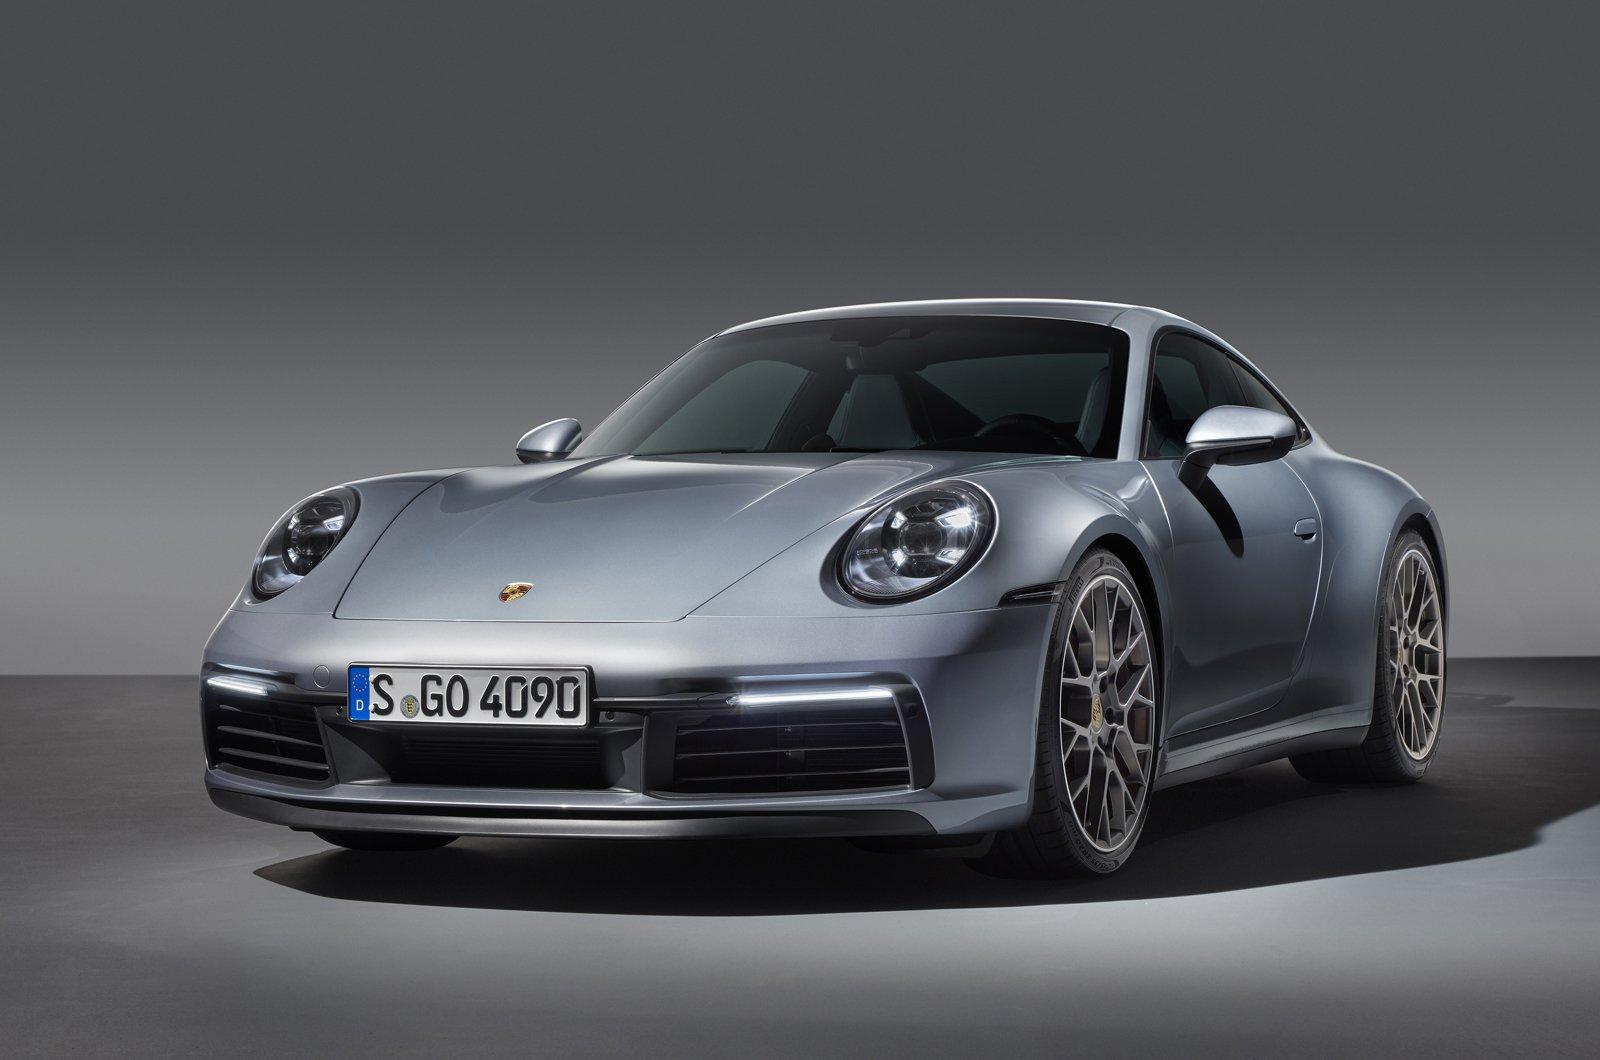 2019 Porsche 911 (992) front